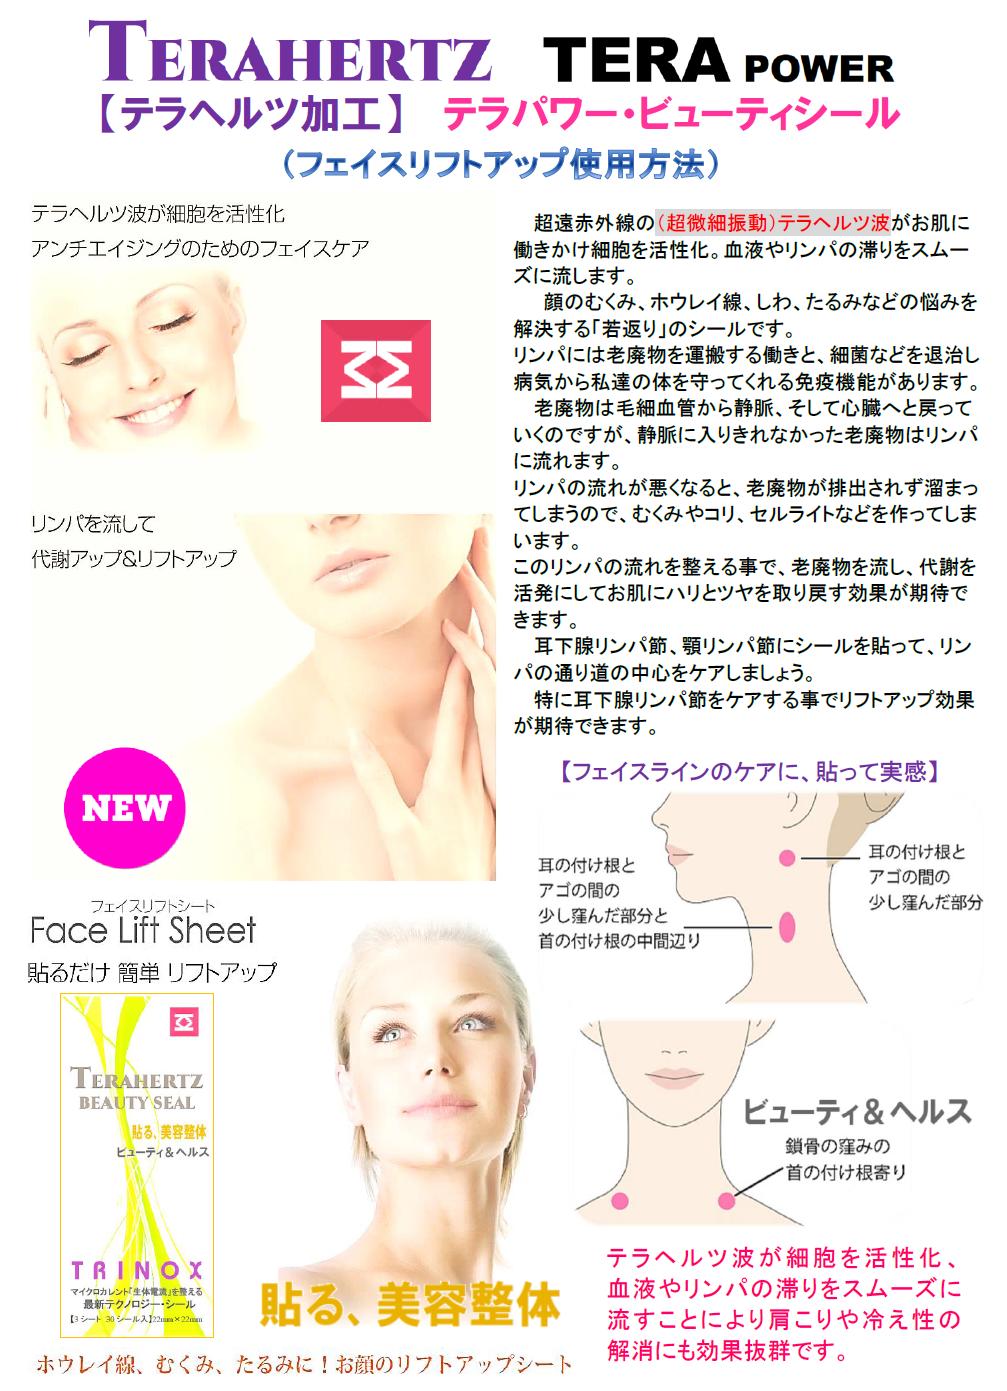 09 フェイスリフトアップ【テラヘルツ加工】 テラパワー・ビューティシール